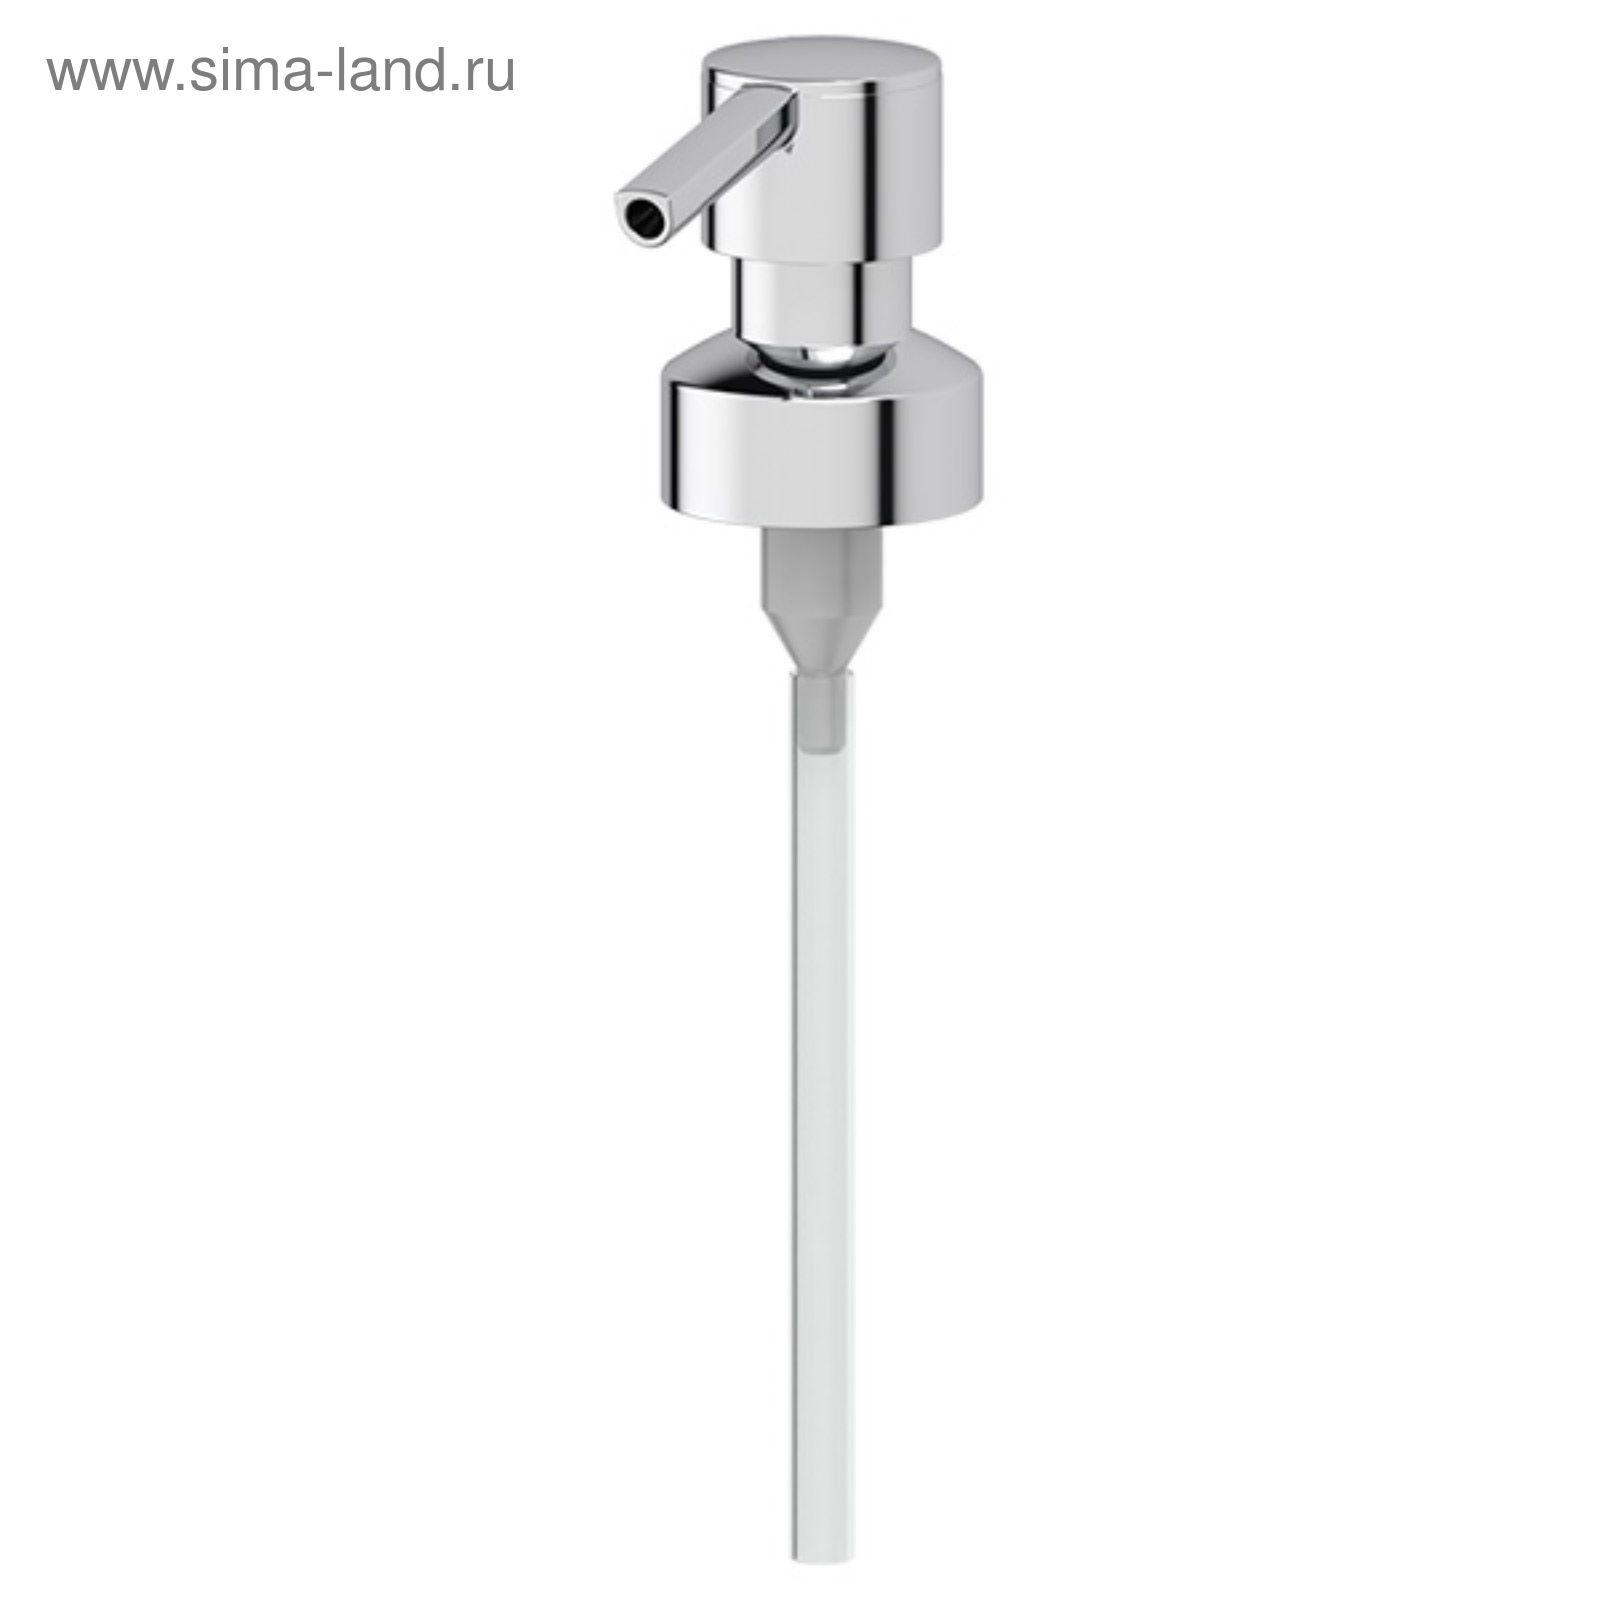 Помпа дозатора жидкого мыла, хром, FBS (2382664) - Купить по цене от ... b0960c5d621